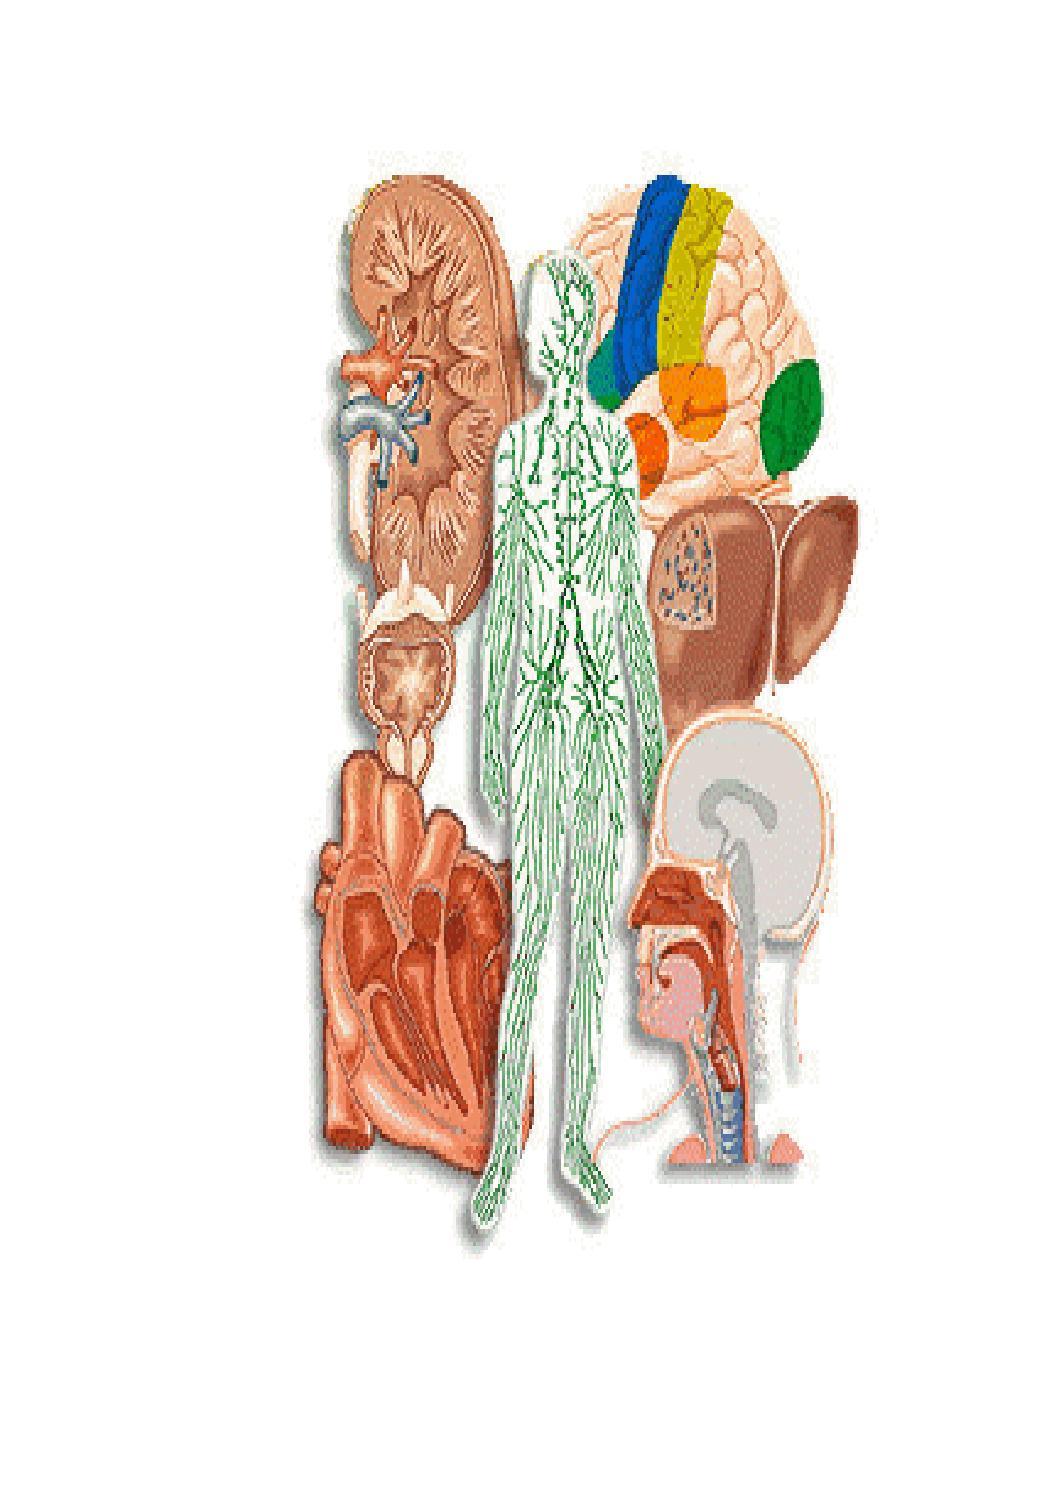 Sistema osteomuscular by david ferrer - issuu